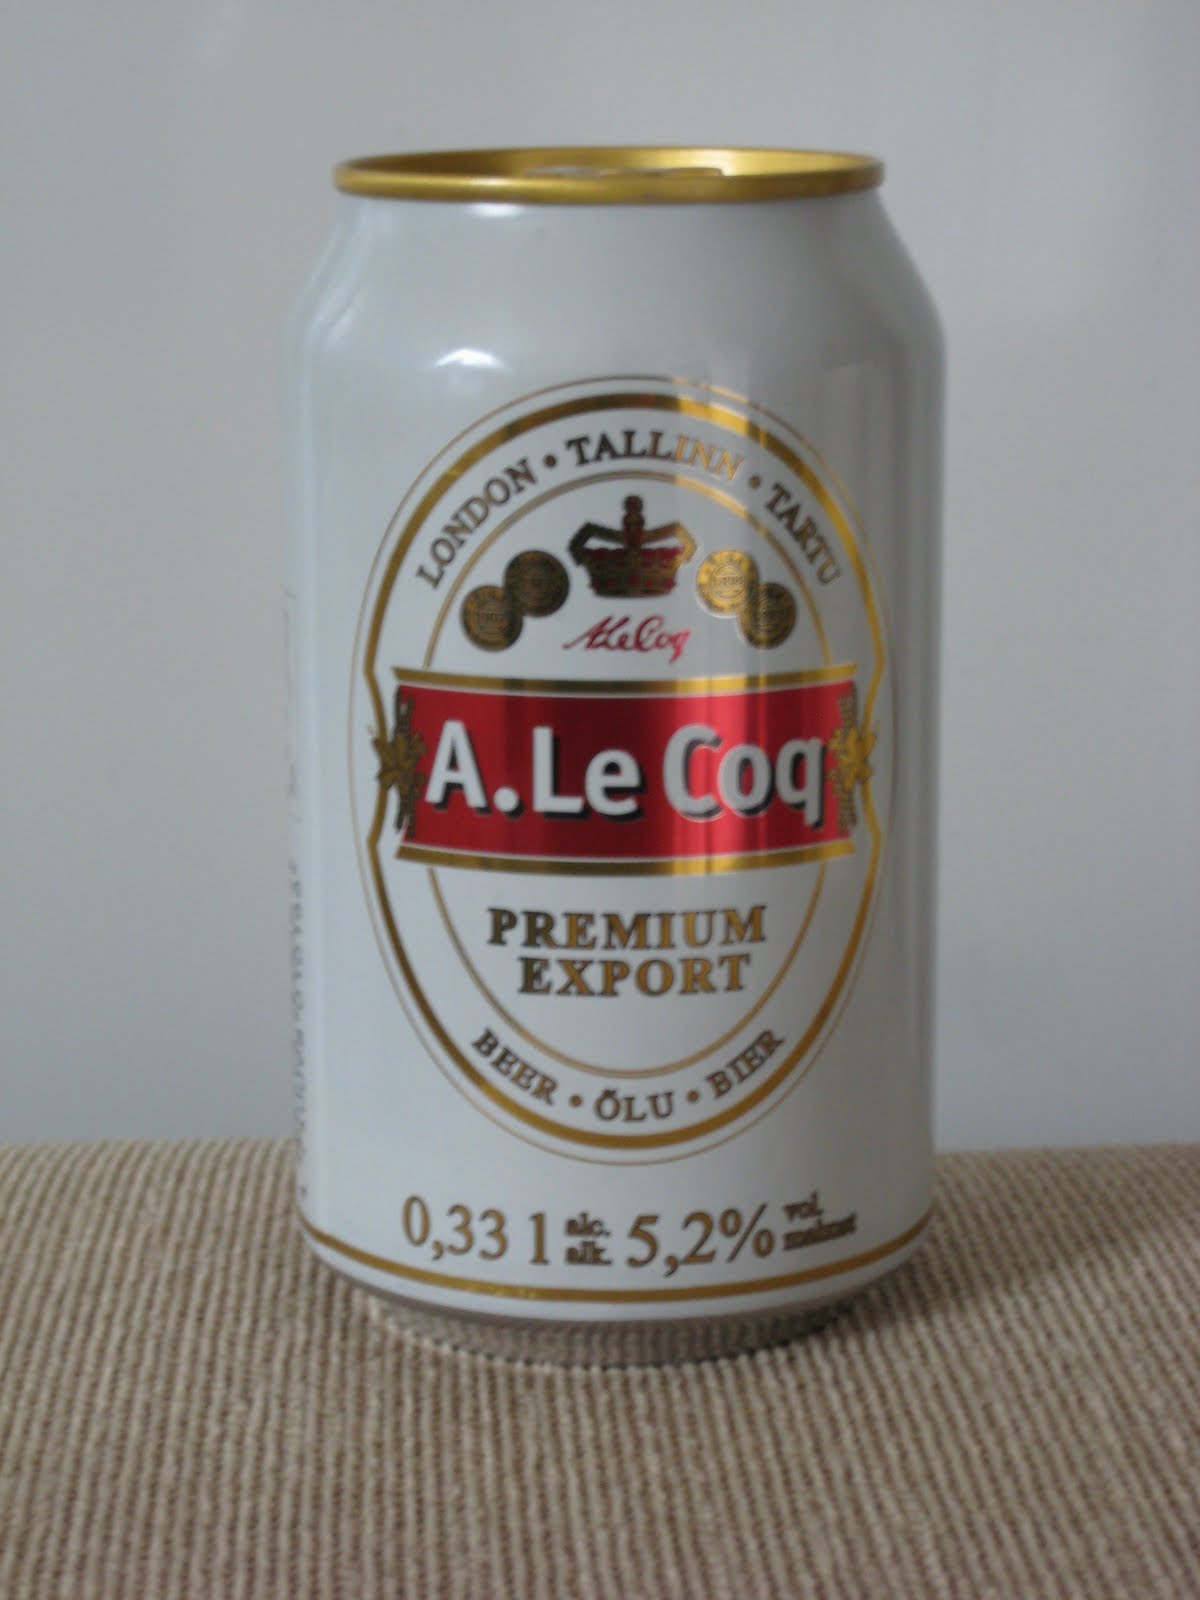 651f0272 A. La Coq Premium Export er et estlandsk øl med en kosefaktor på 5,2%.  Dette er et lyst øl med lite lukt. Det er også lite smak ved første slurk,  ...